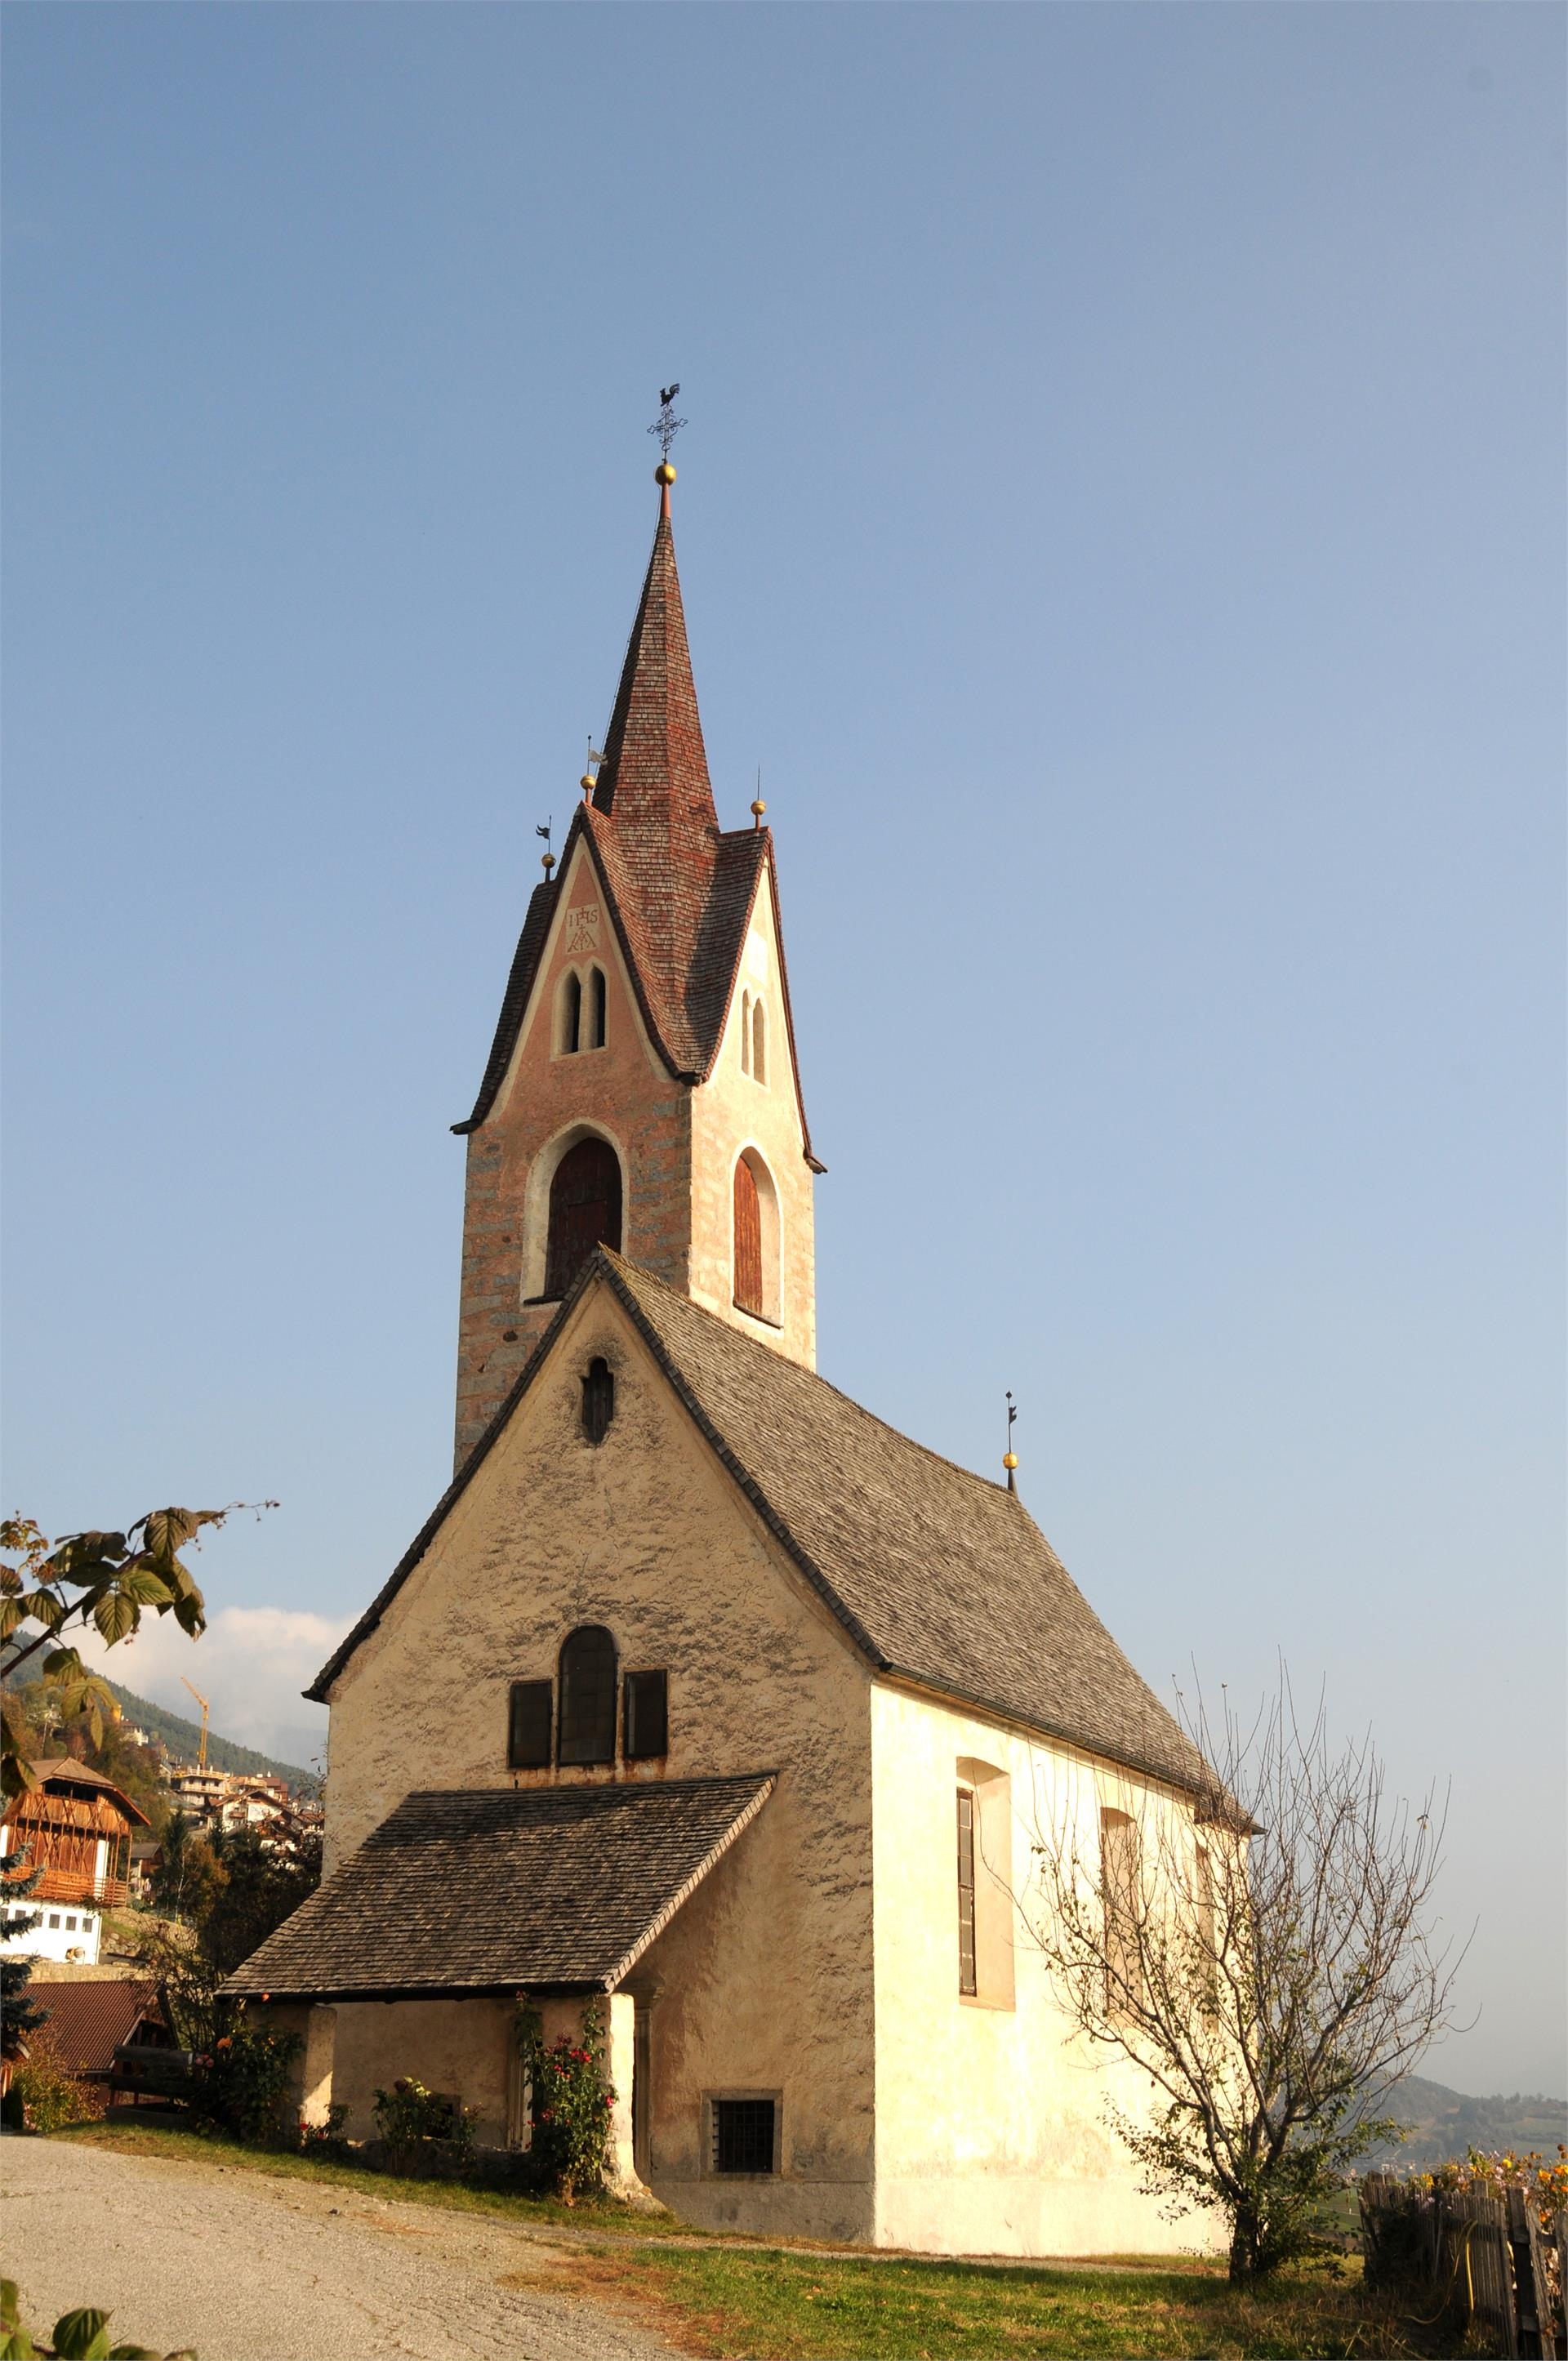 Fraktionskirche St. Moritz in Sauders